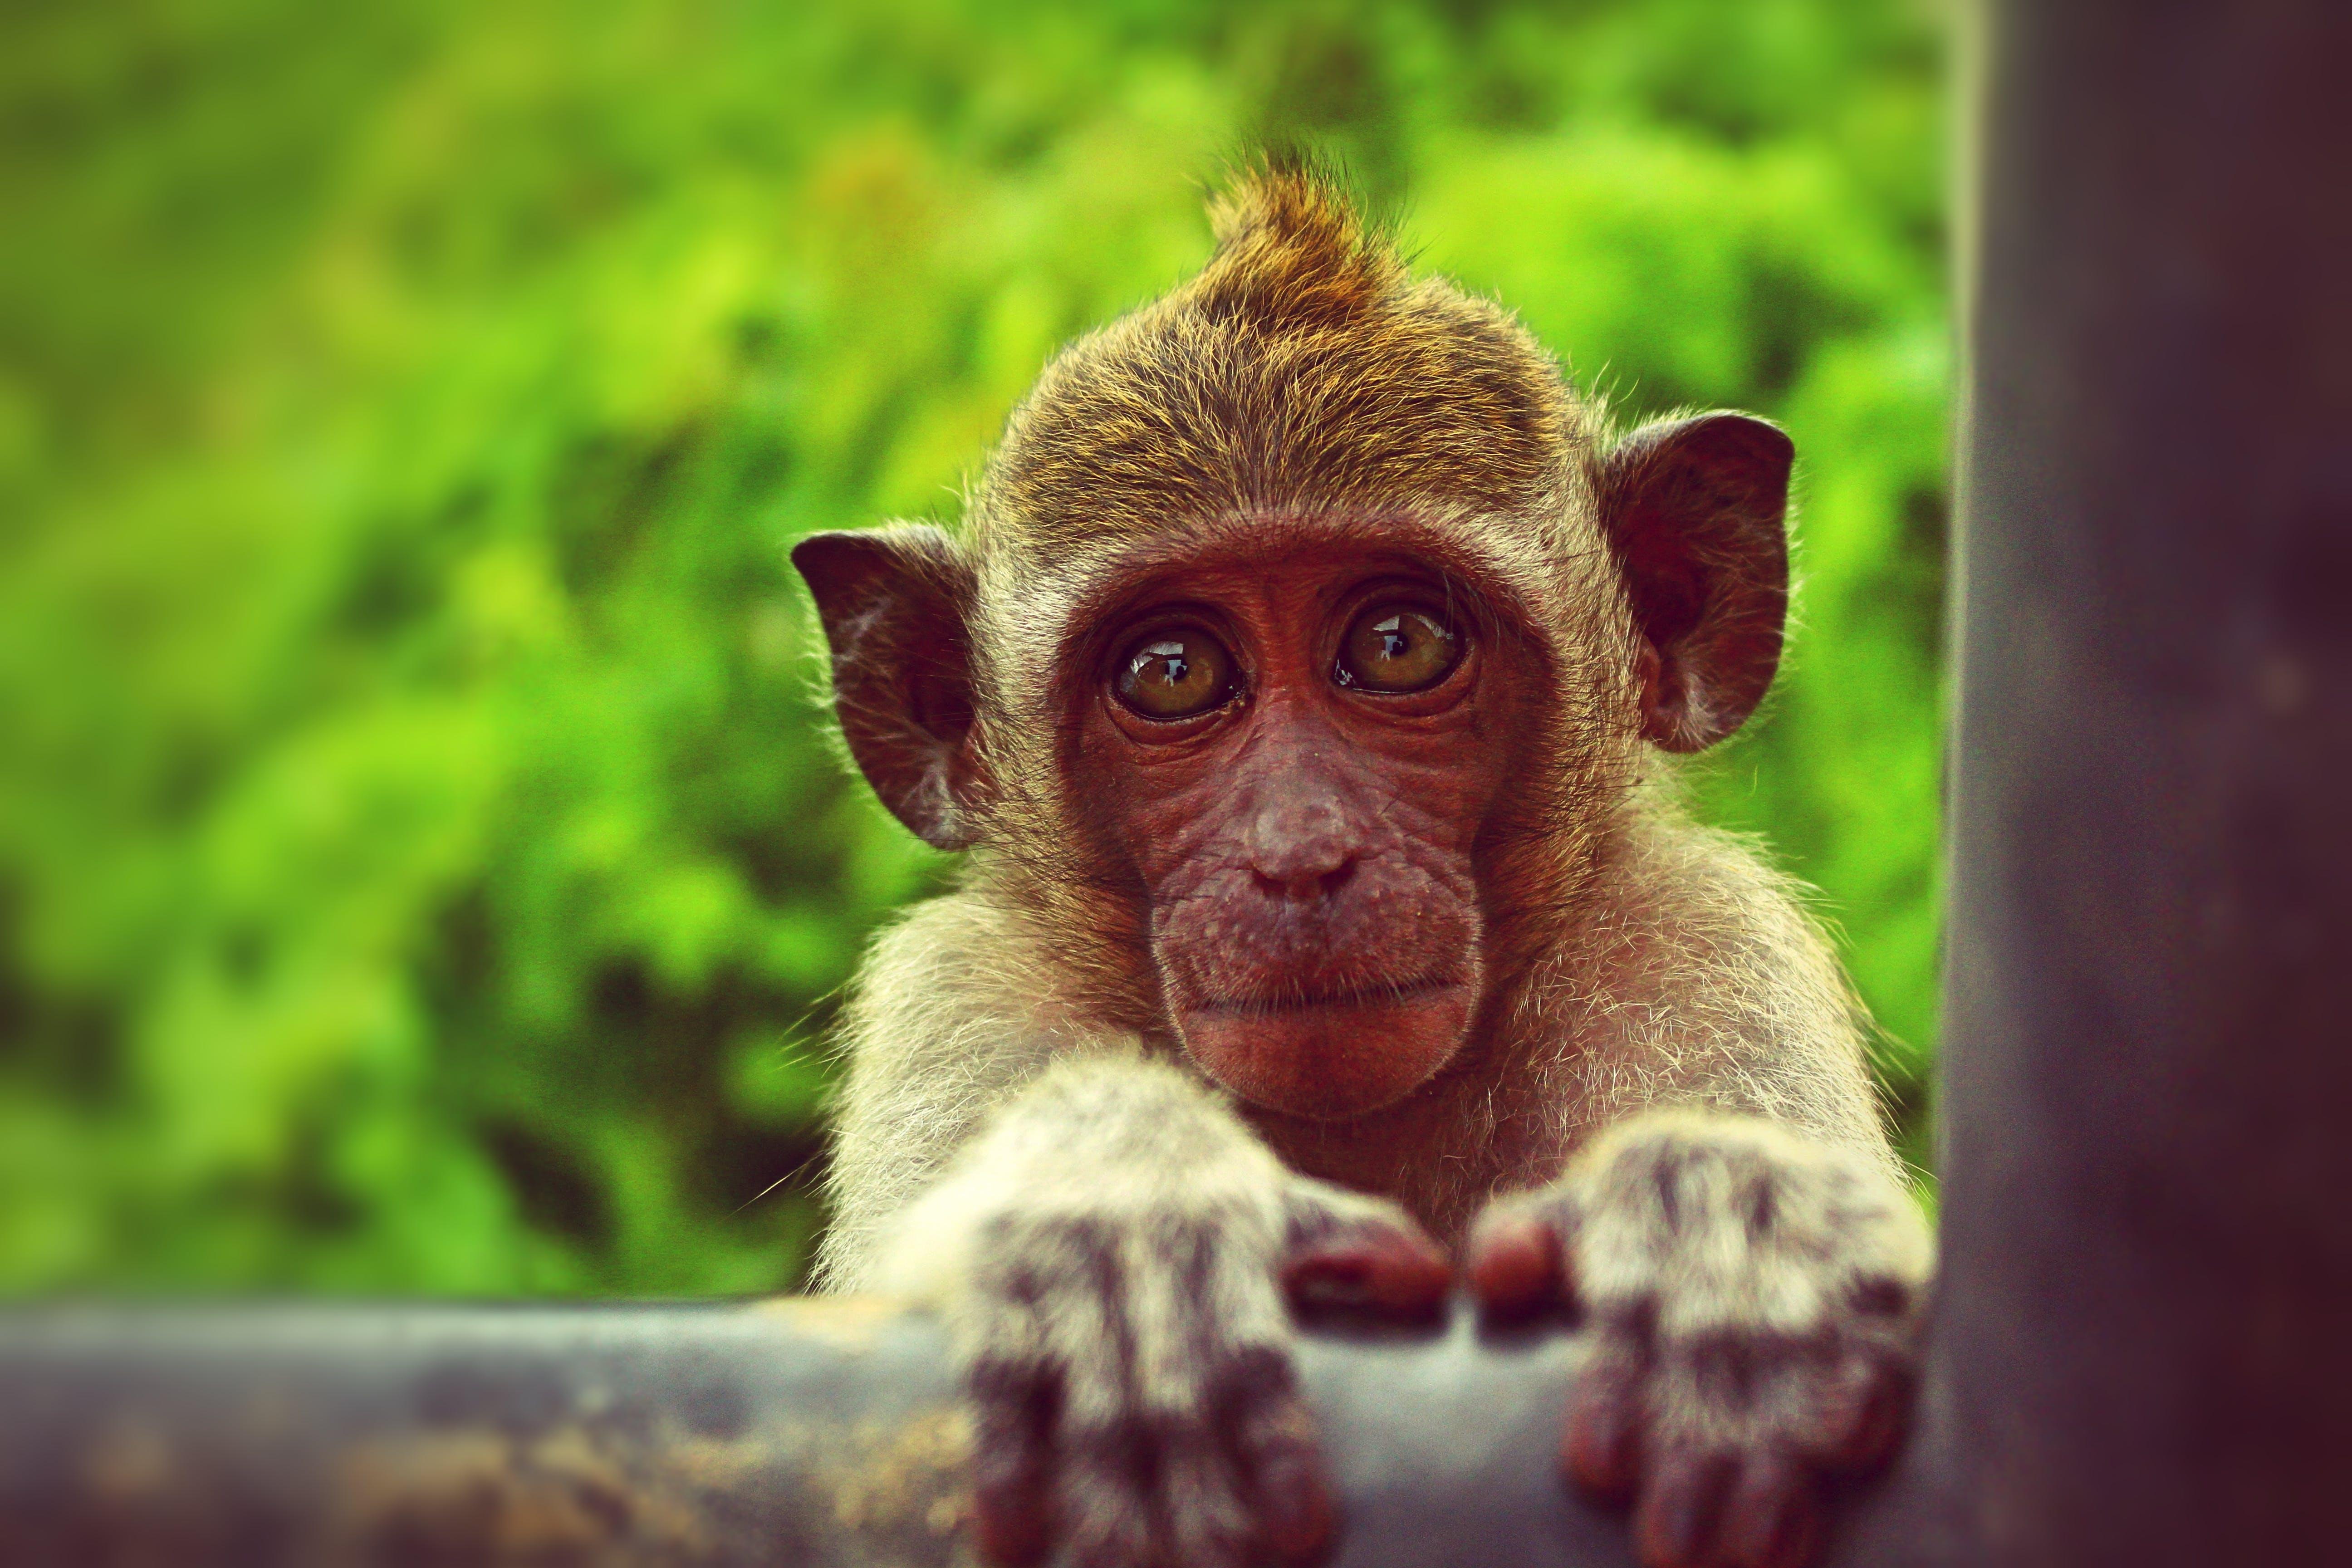 Brown Monkey Holding Black Metal Bar